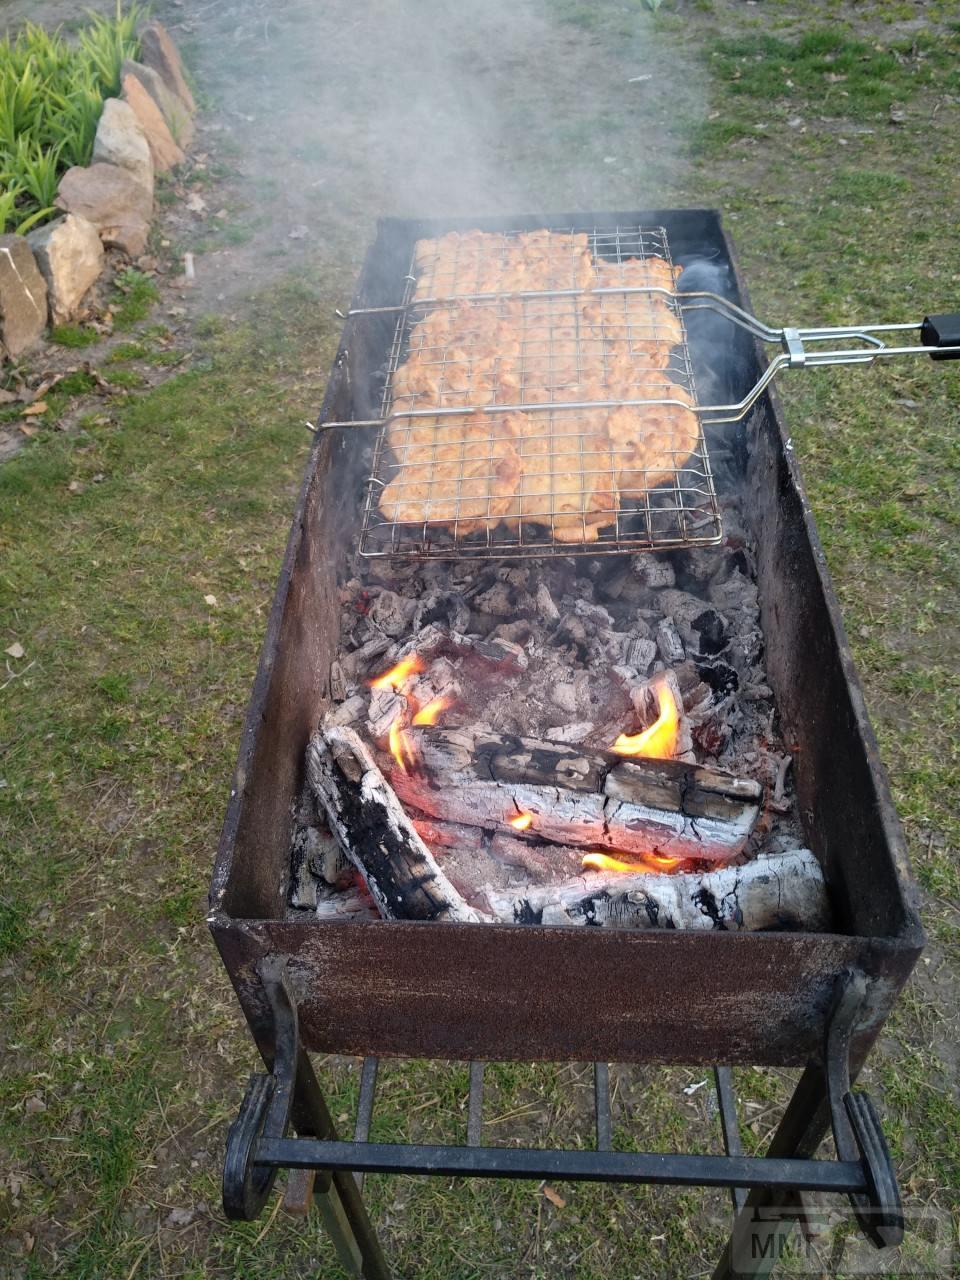 95623 - Закуски на огне (мангал, барбекю и т.д.) и кулинария вообще. Советы и рецепты.